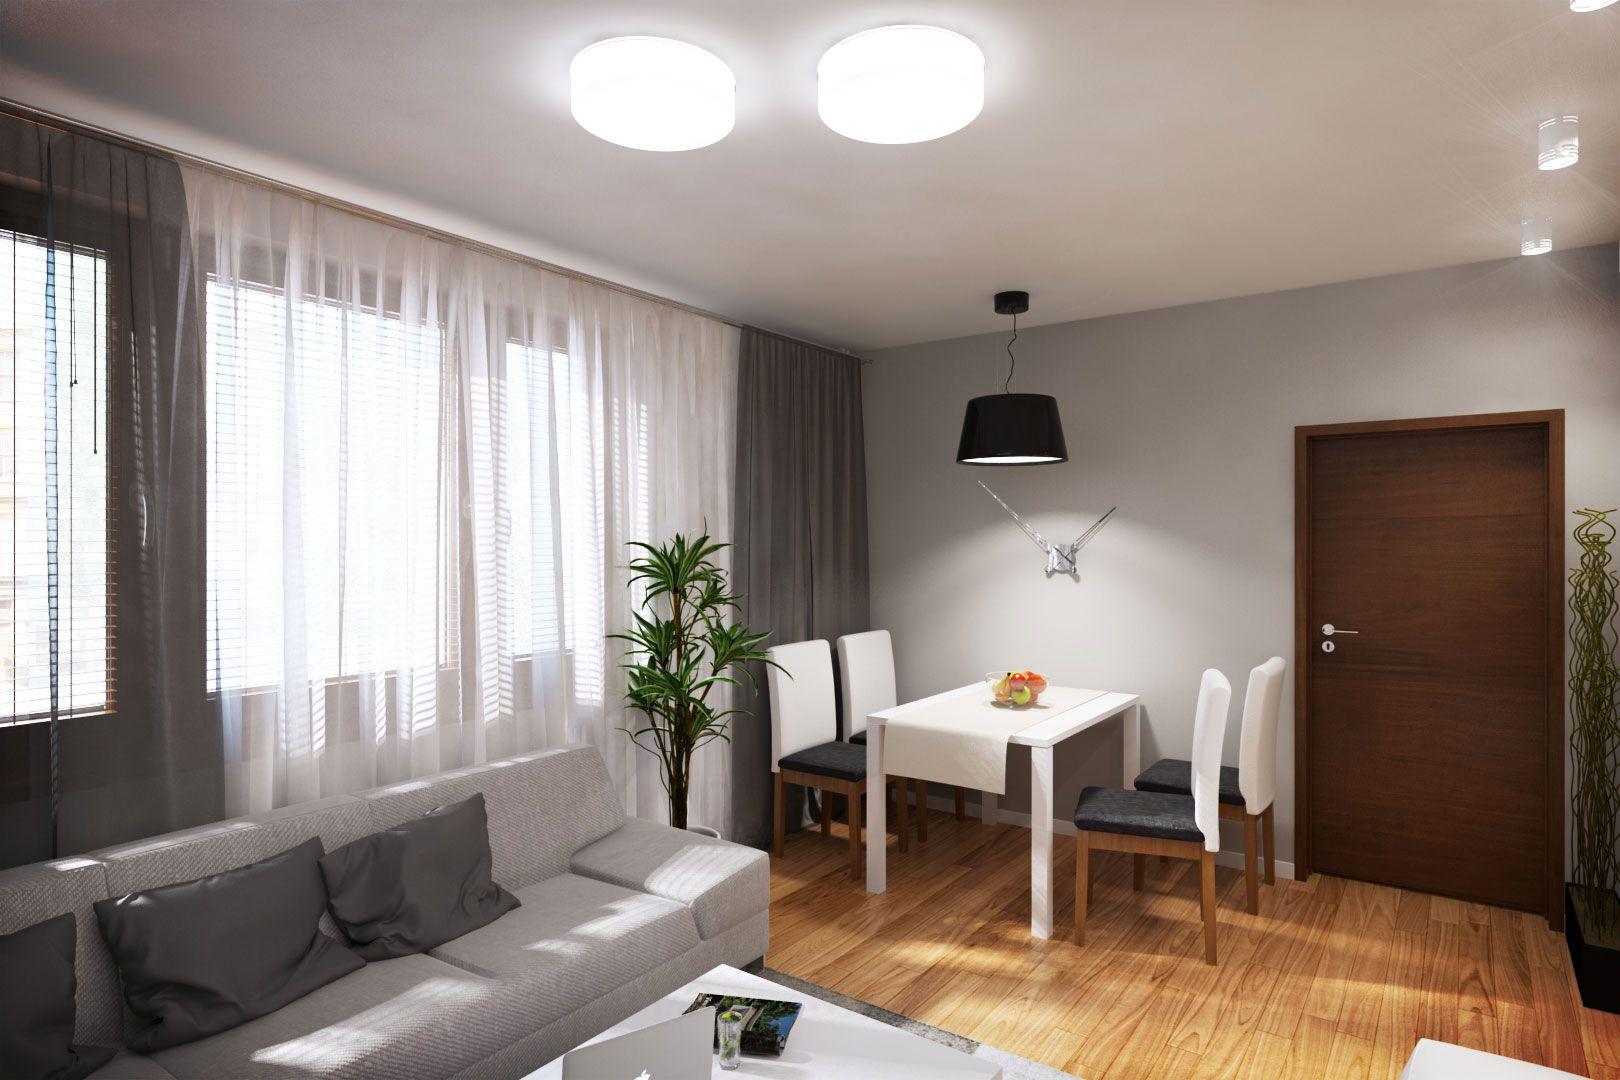 #936238 de pequeño departamento de 62 m² de dos dormitorios descubre en  1620x1080 píxeis em Como Decorar La Sala Comedor De Un Apartamento Pequeño